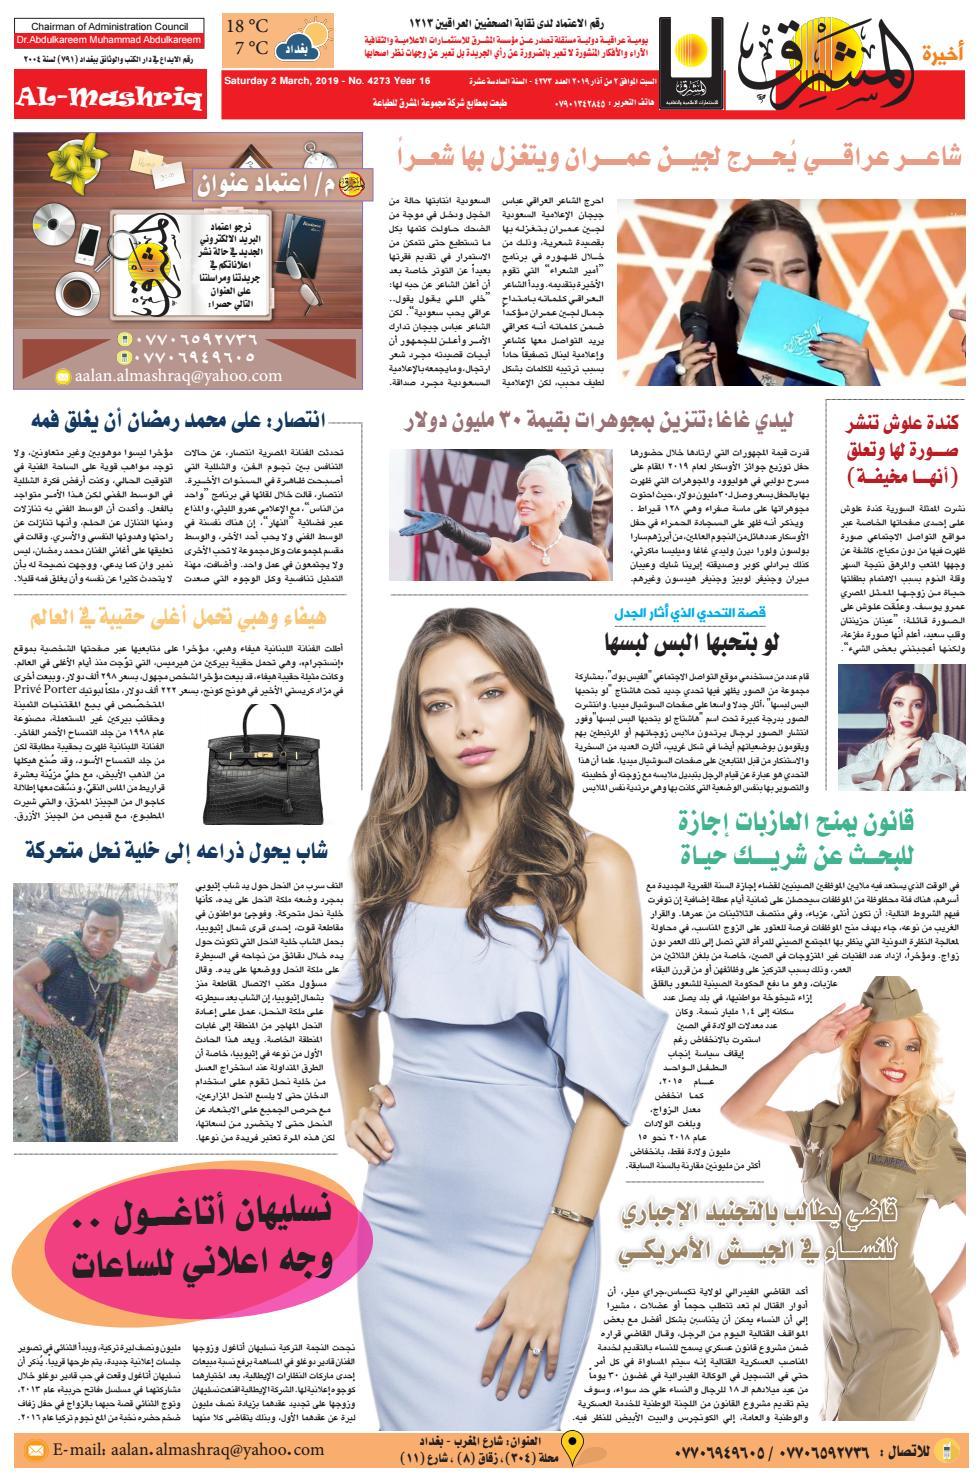 a755dd1b4dfe3 4273 AlmashriqNews by Al Mashriq Newspaper - issuu